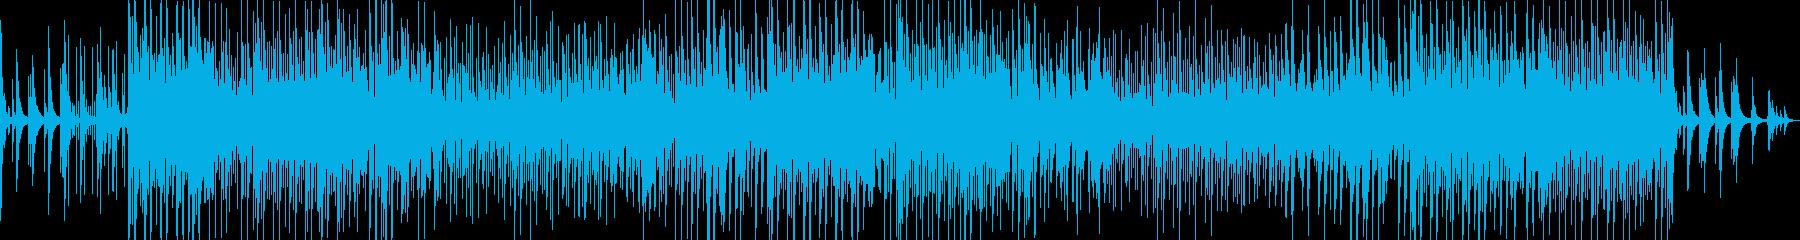 チルなピアノローファイヒップホップの再生済みの波形